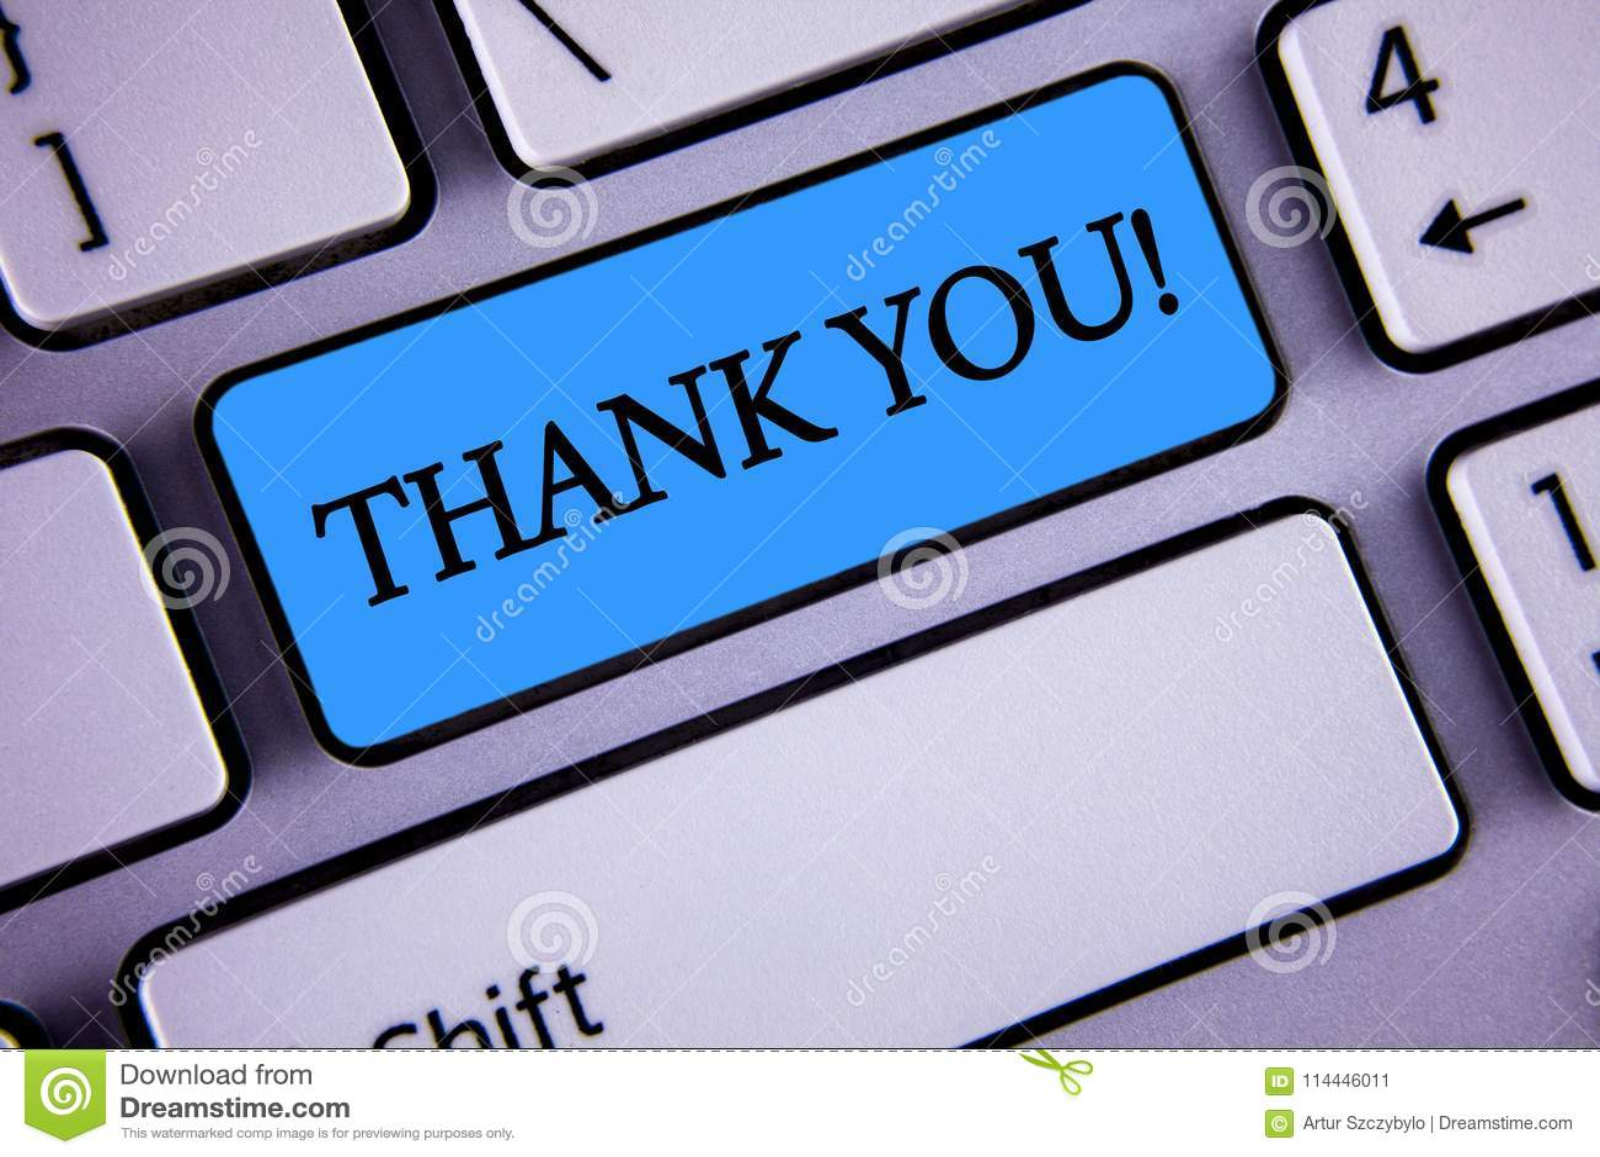 Η παρουσίαση σημειώσεων γραψίματος σας ευχαριστεί κινητήρια κλήση Ευγνωμοσύνη αναγνώρισης χαιρετισμού εκτίμησης επίδειξης επιχειρ